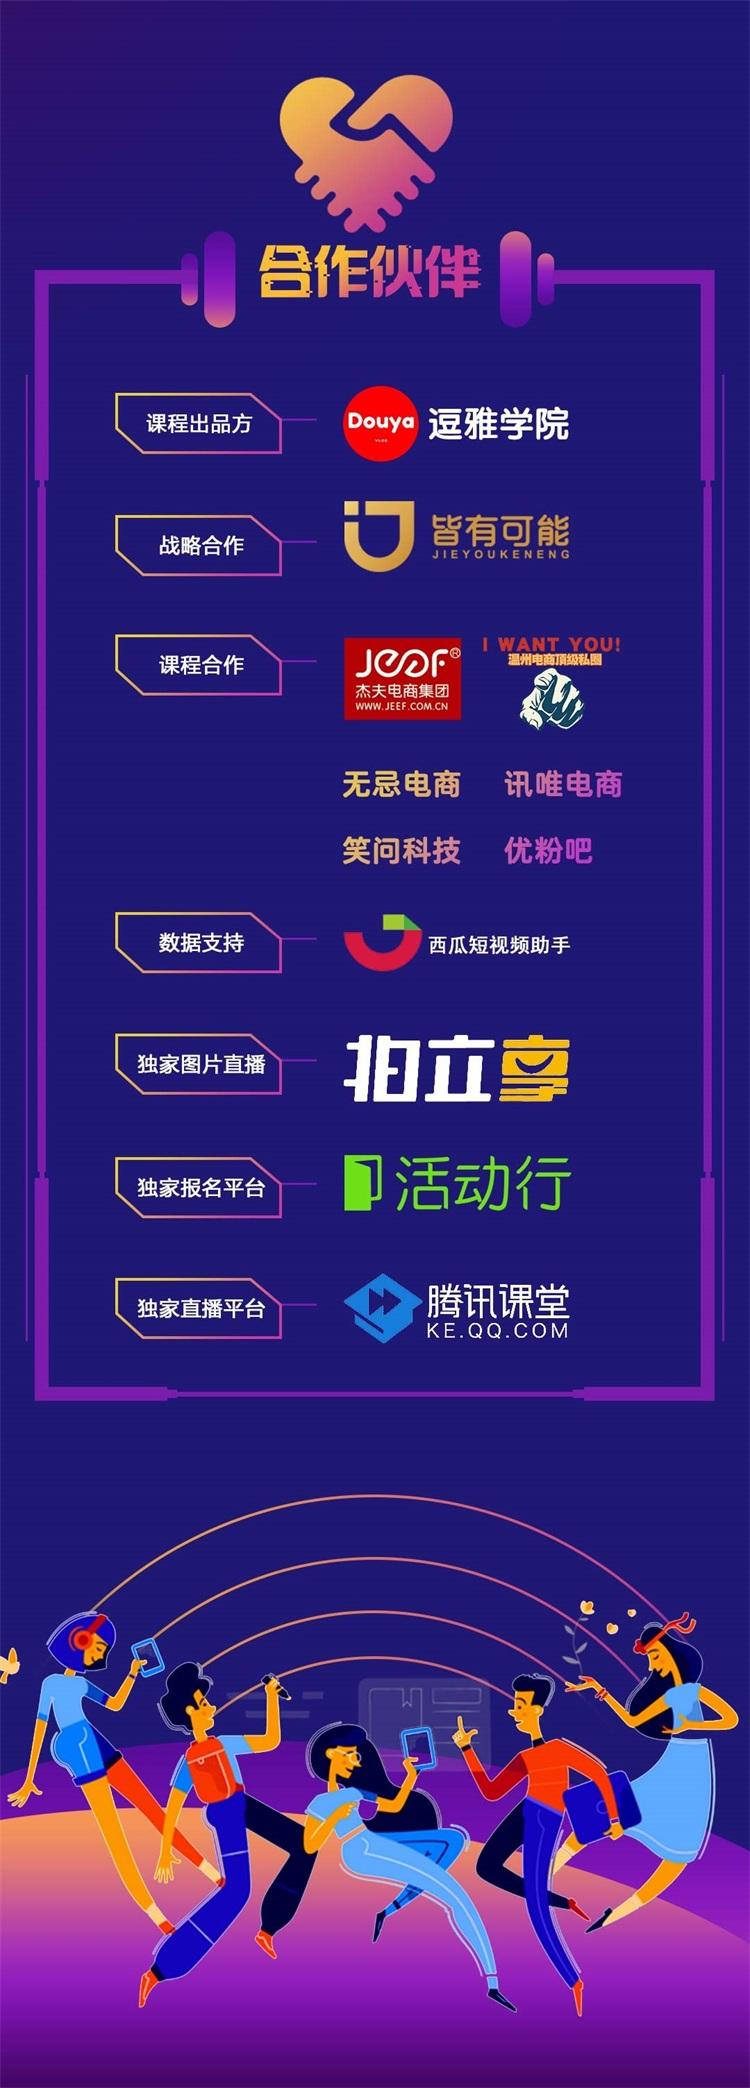 1-19-活动行-杭州-专题页(改版)-1_06.jpg